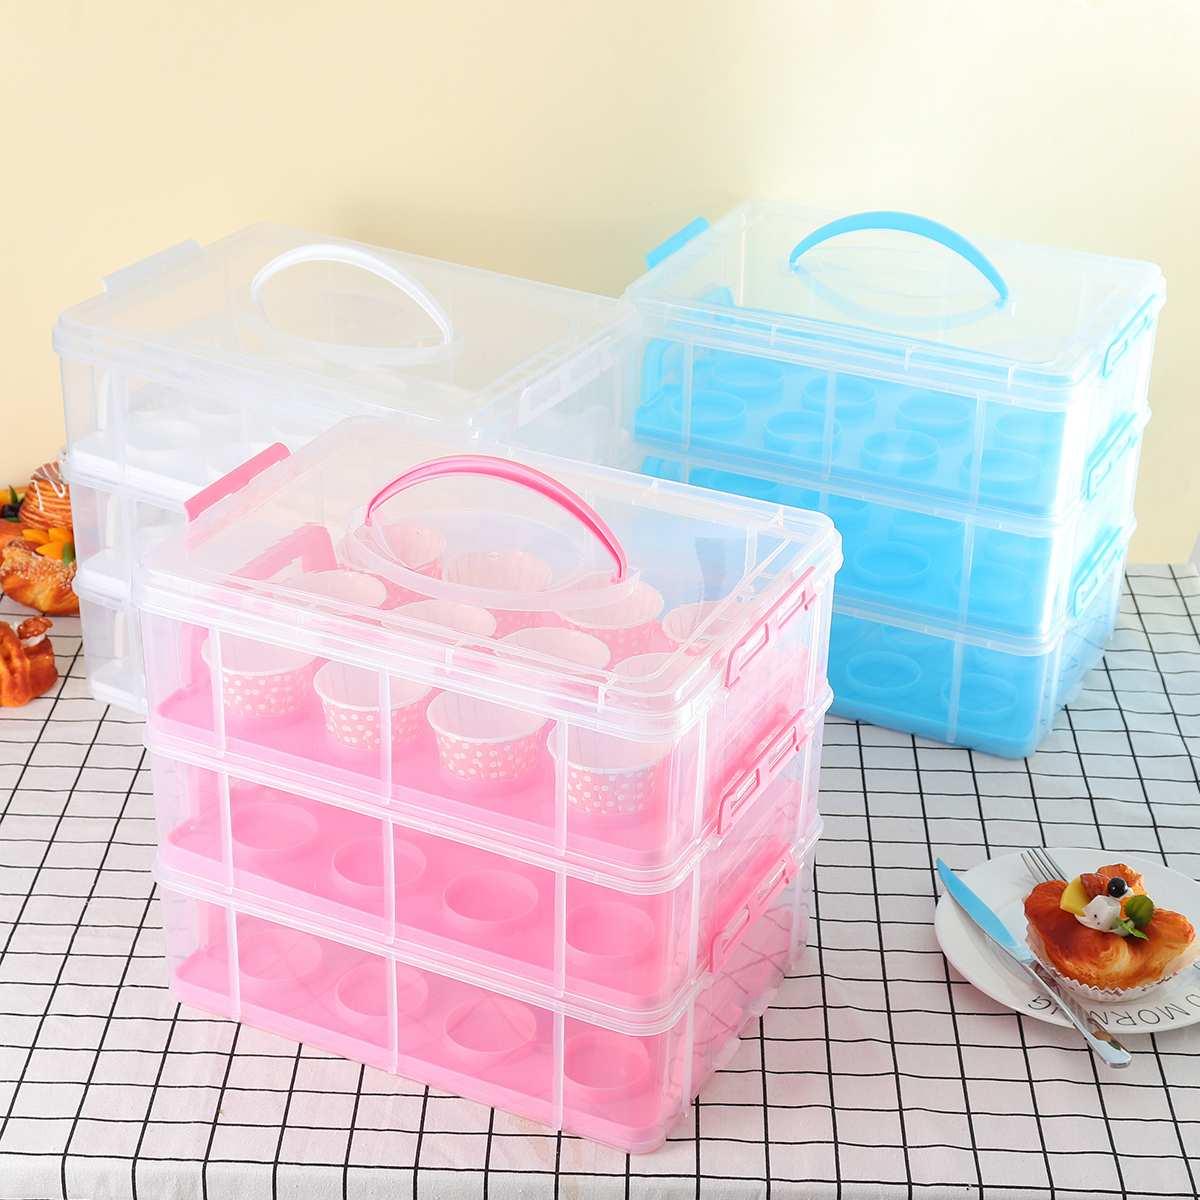 36 pièces 3 niveaux Cupcake boîte de rangement organisateur porte-gâteau réglable Snap guidon conteneur empilable Portable